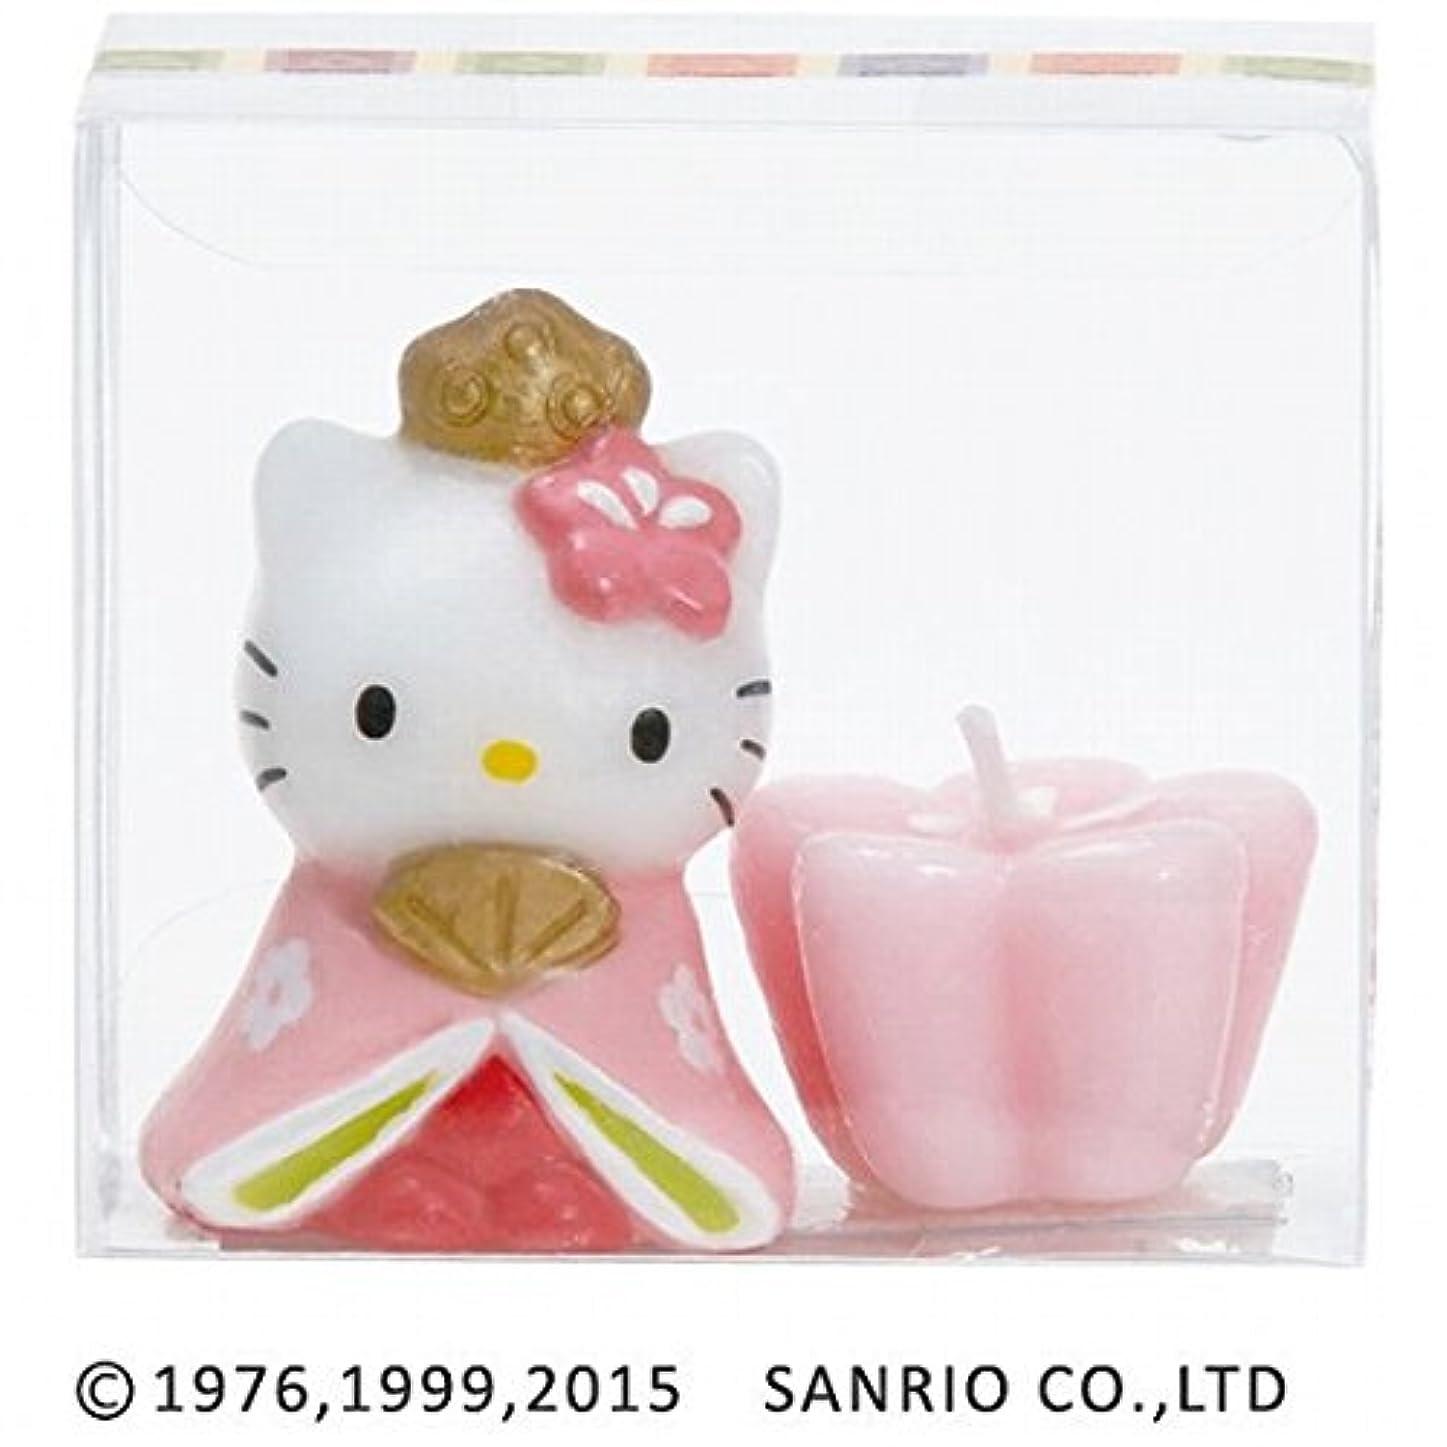 動かす骨折立証するカメヤマキャンドル(kameyama candle) ハローキティひな祭りキャンドル 「 おひなさま 」